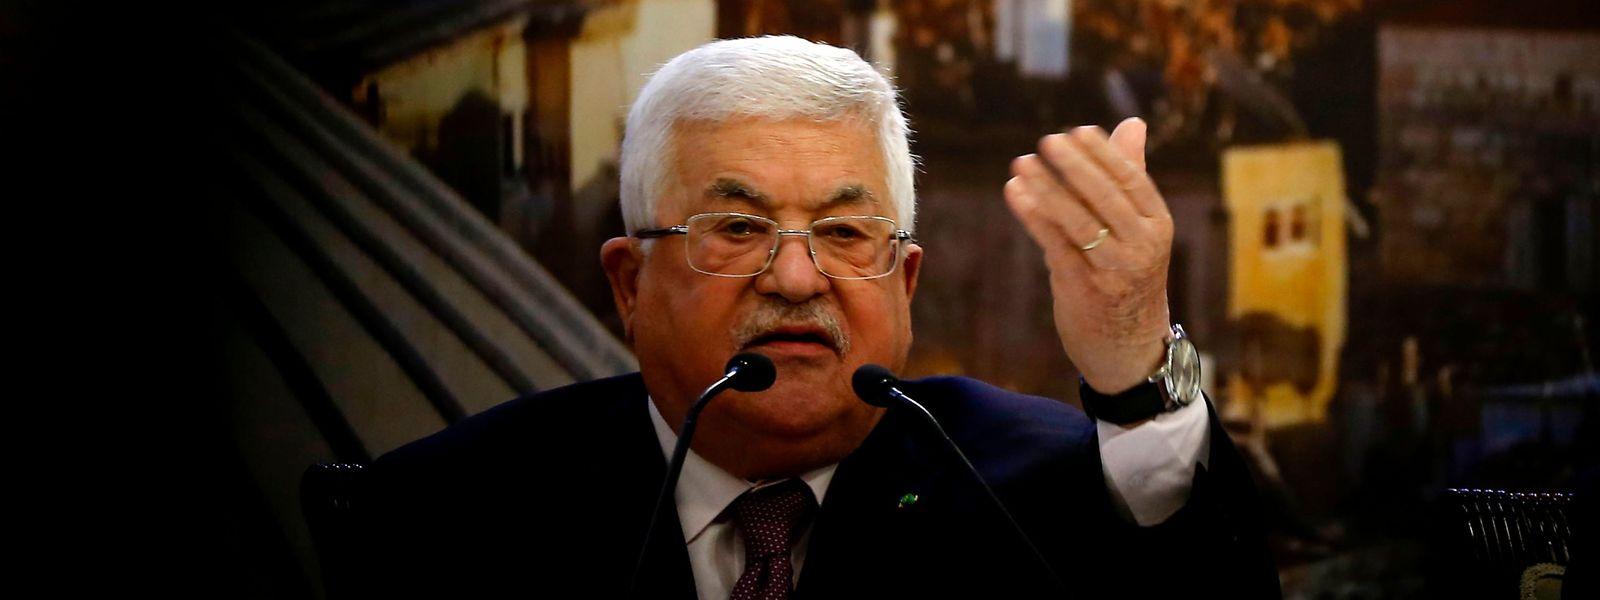 Le président de l'Autorité palestinienne, Mahmoud Abbas, rejette avec virulence le plan de Donald Trump pour le Proche-Orient. Mais il semble bien seul.